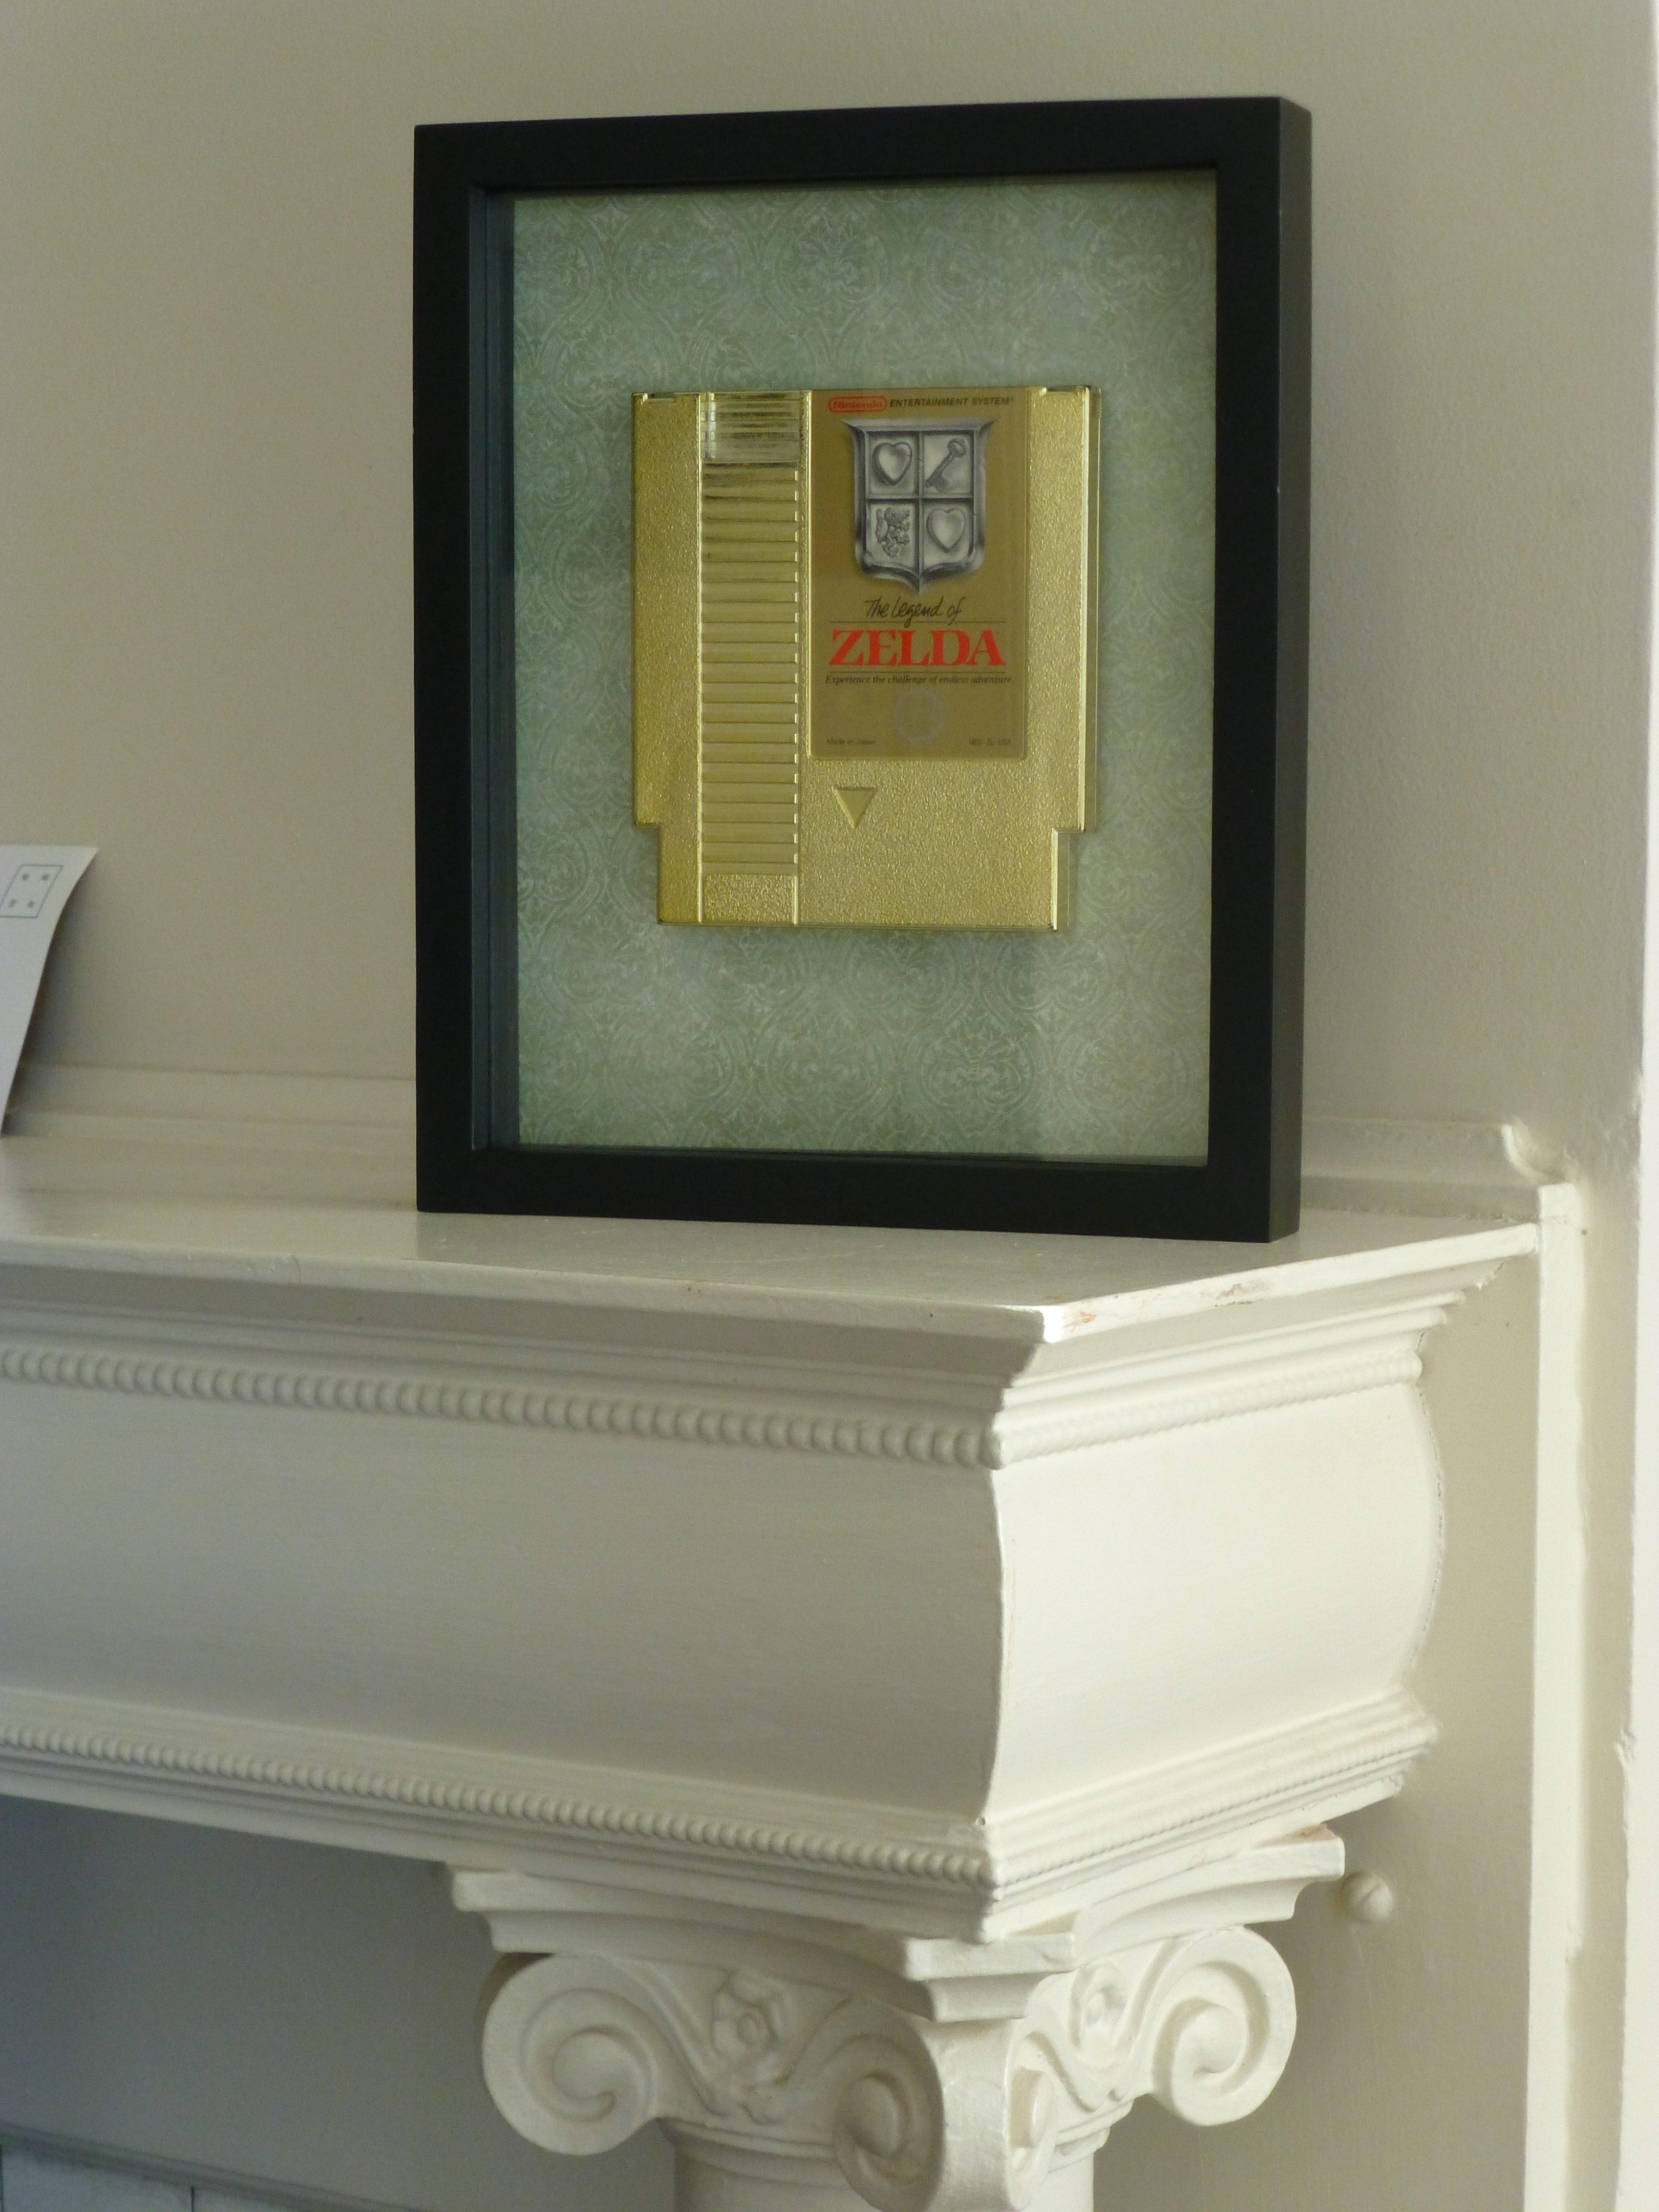 Legend of Zelda video game cartridge artwork